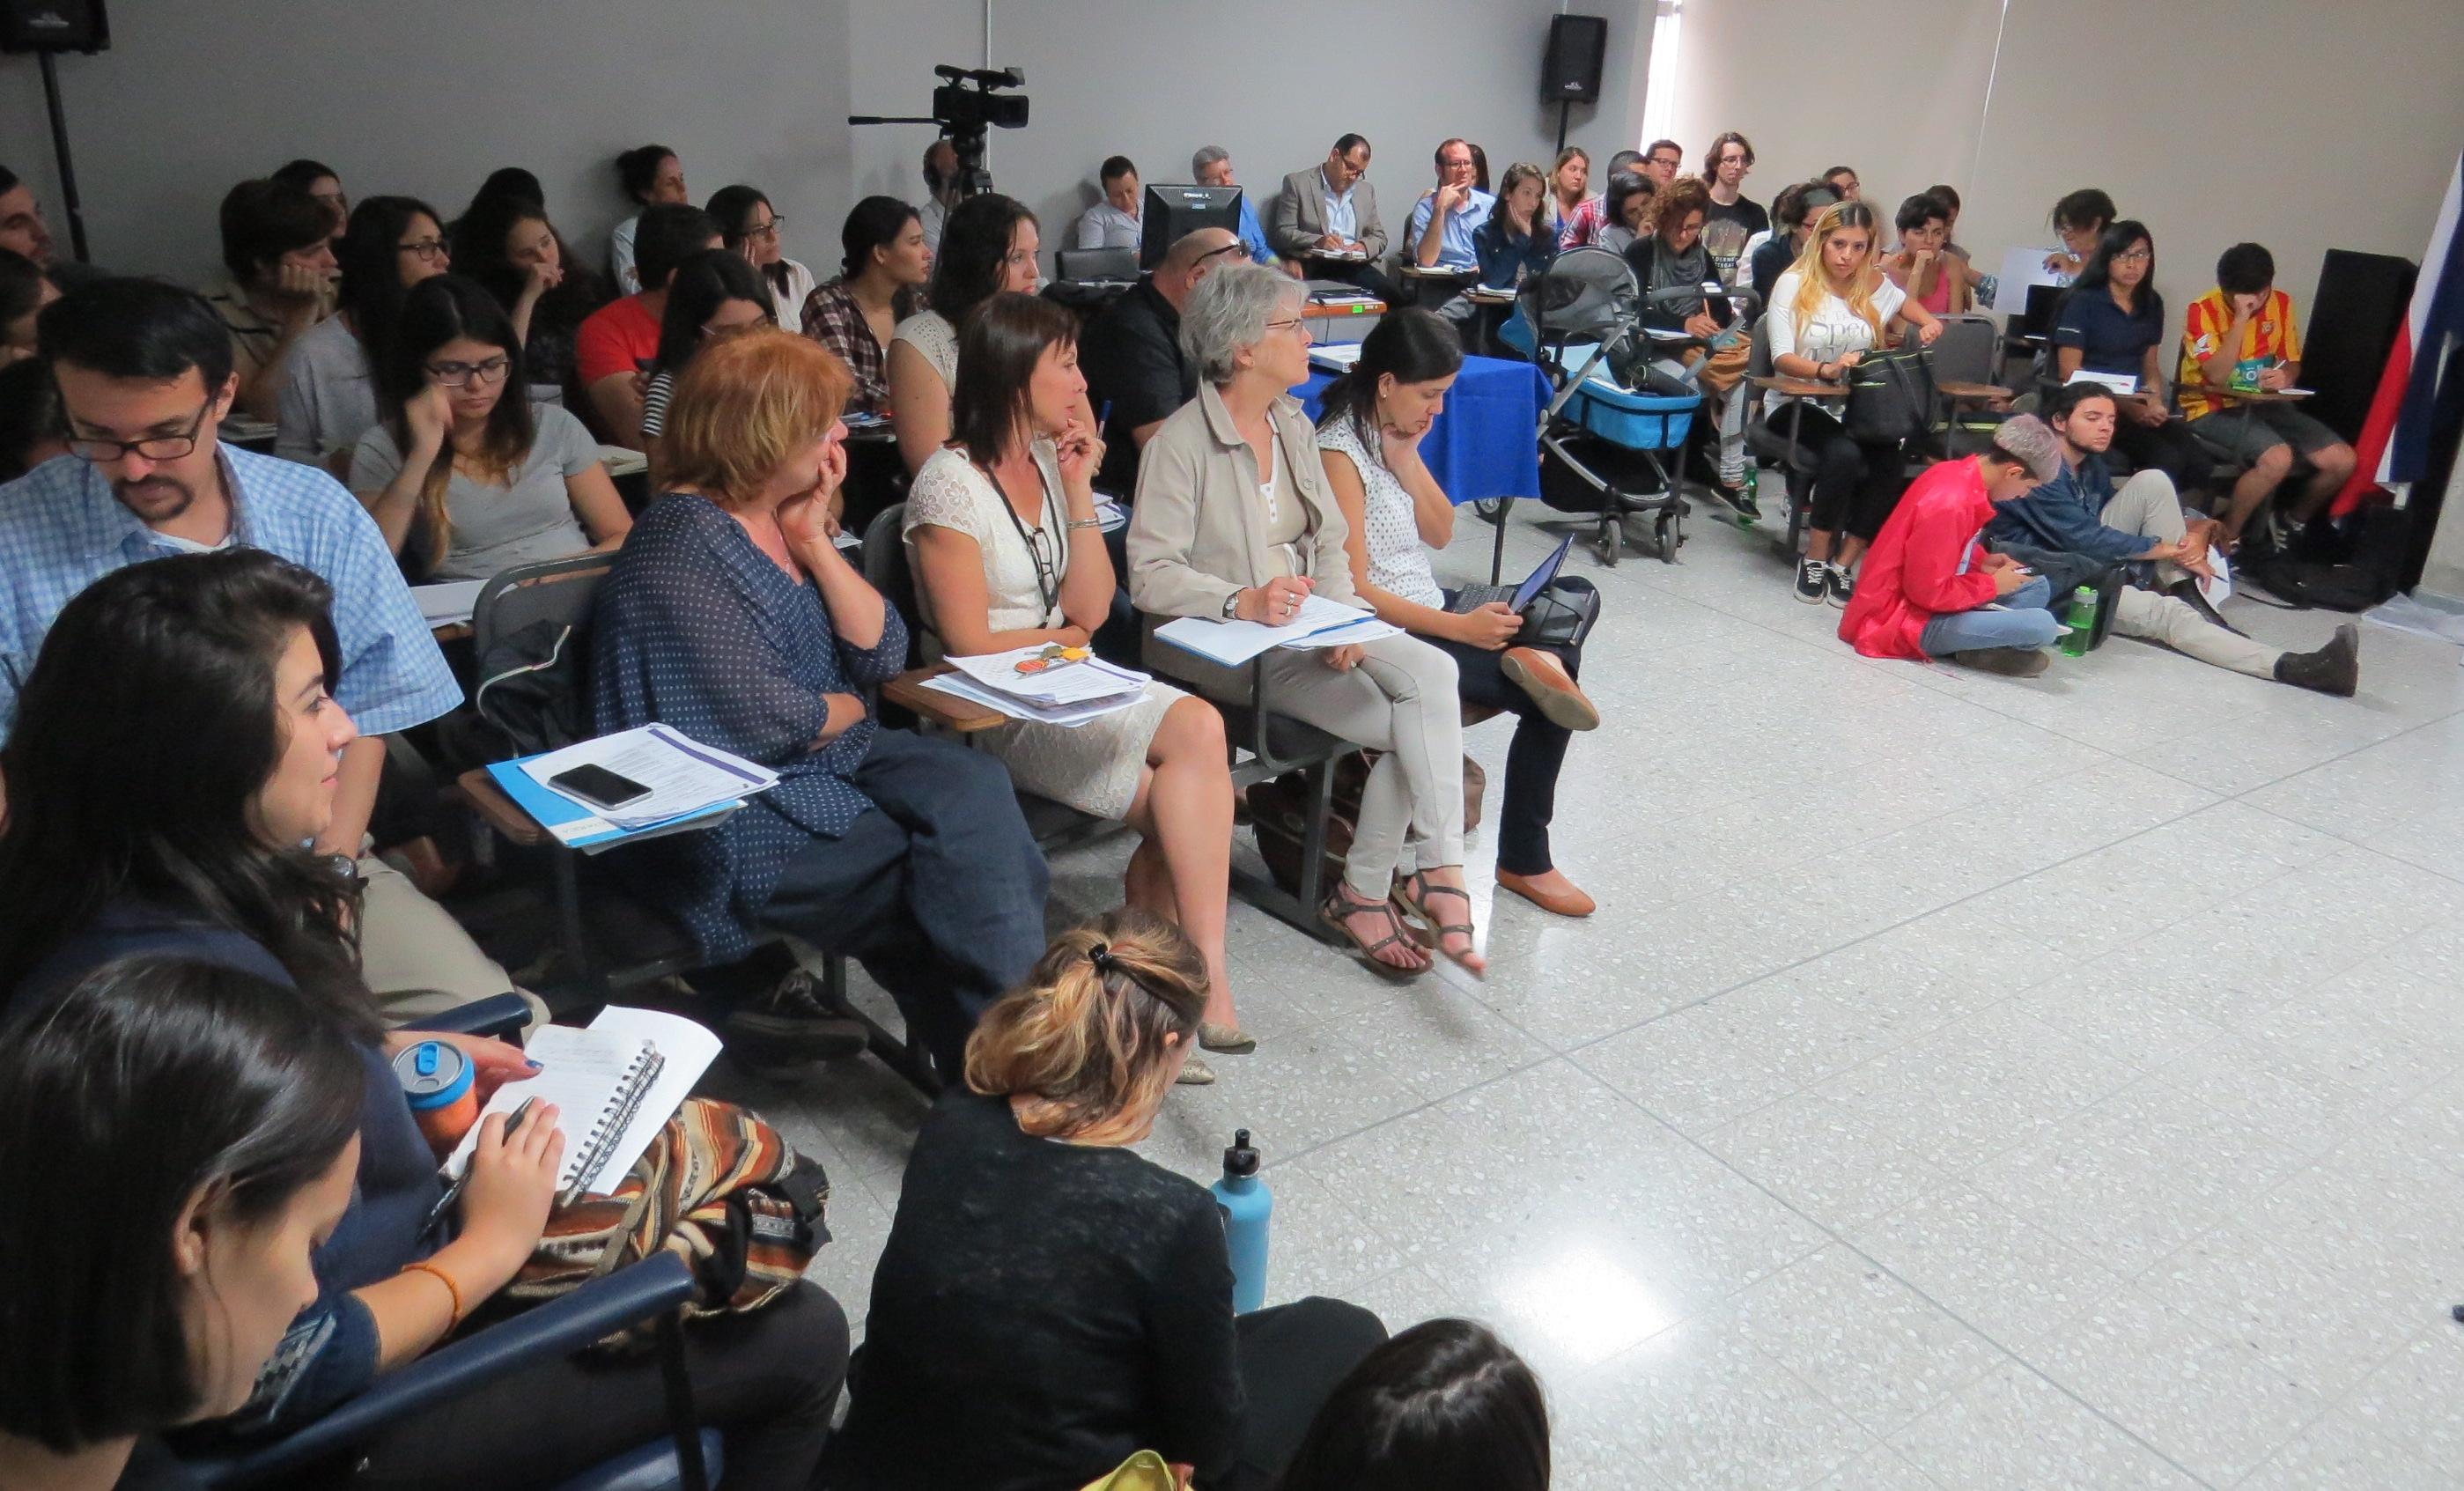 El Encuentro Feminismos, Género y Comunicación del CICOM y ECCC UCR se realizó en la Facultad de Ciencias Sociales de la Universidad de Costa Rica y contó con una notable asistencia.   Foto: CICOM